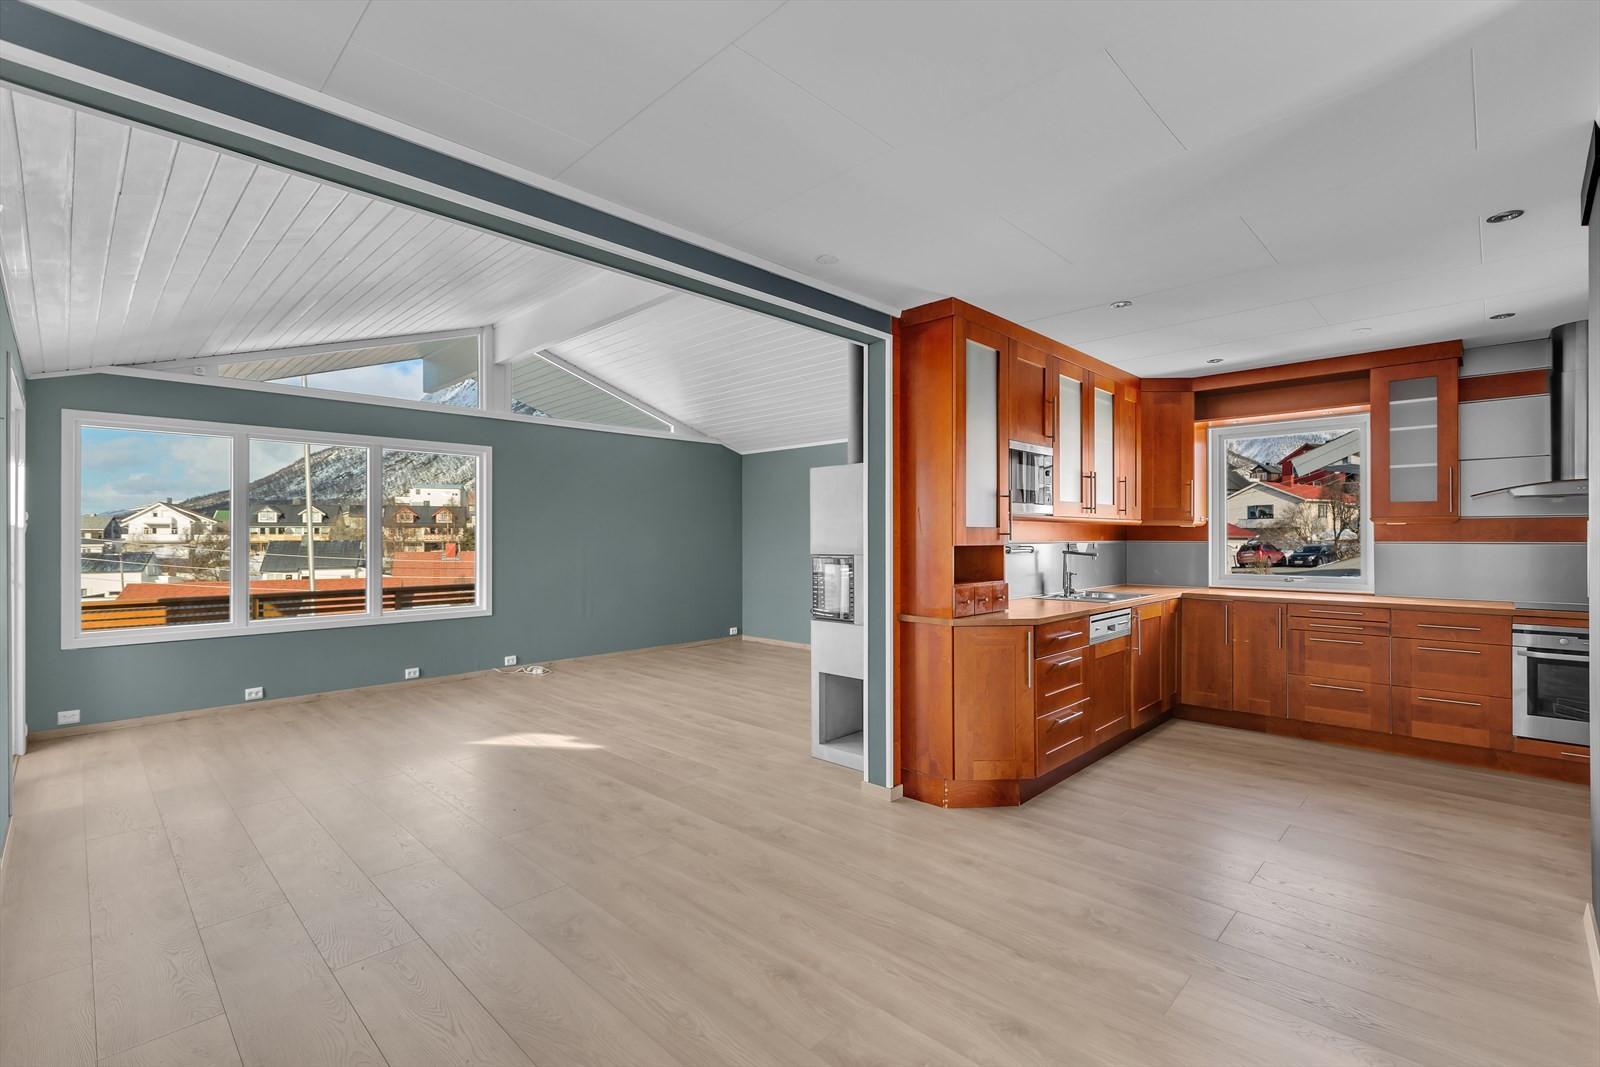 Åpen løsning med stue og kjøkken. Kjøkkenet er likevel skjult fra stuen.